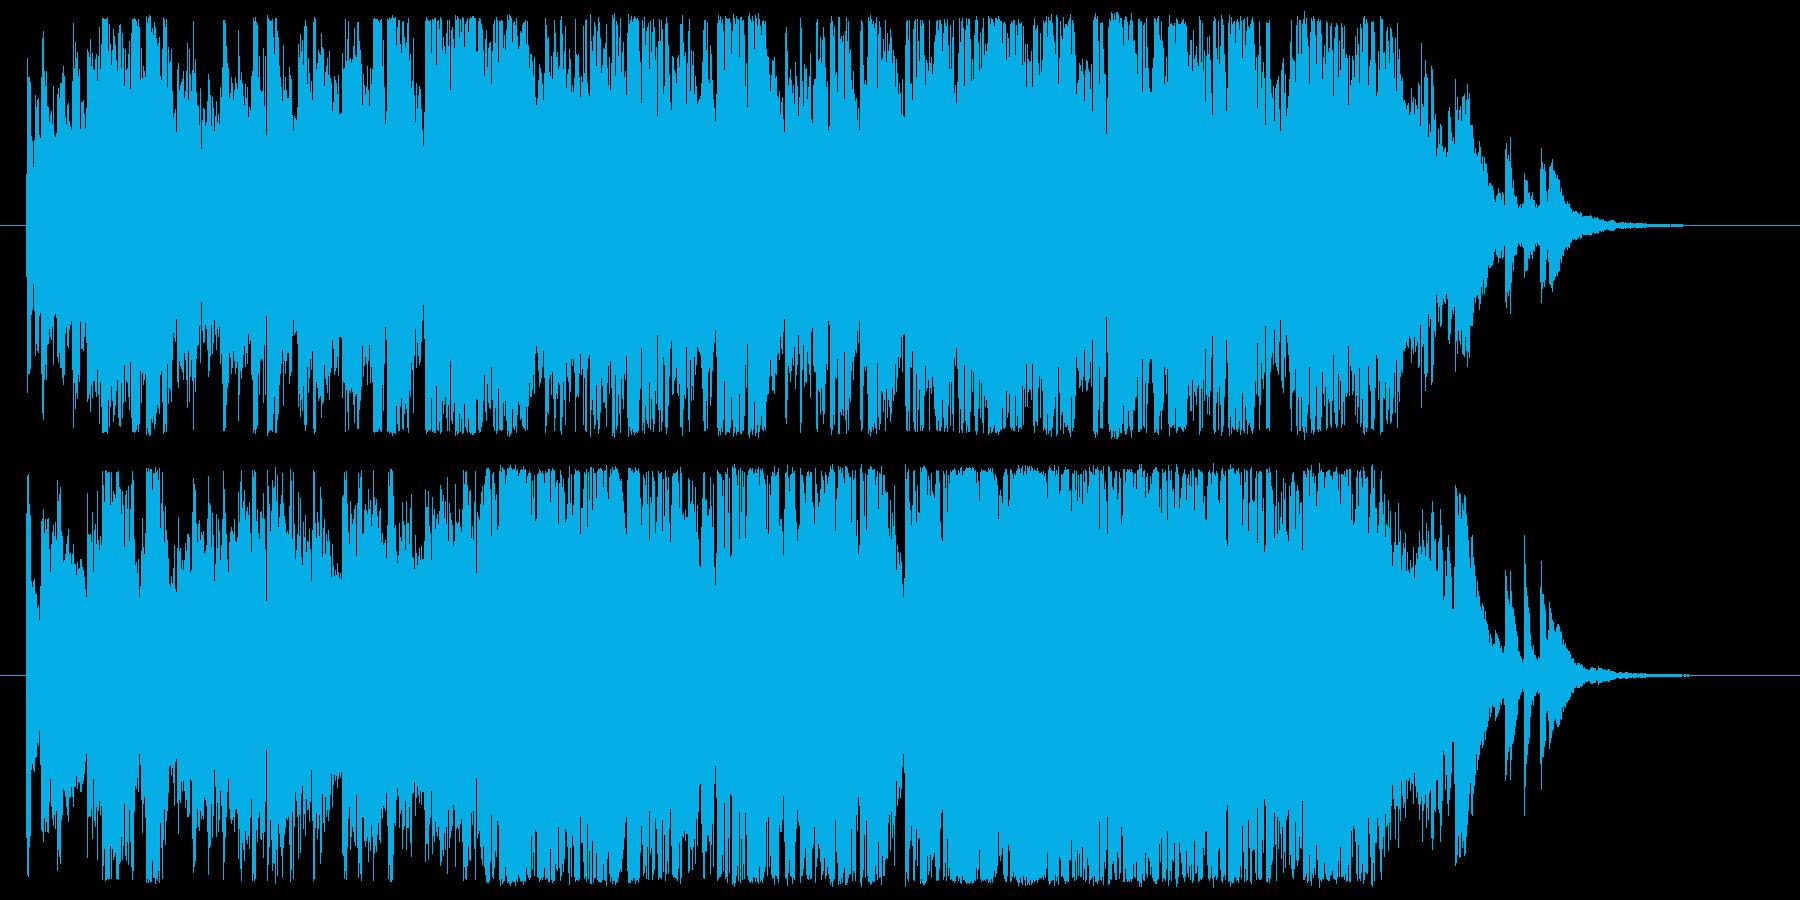 映画の追撃シーンを想像させるクラックの再生済みの波形